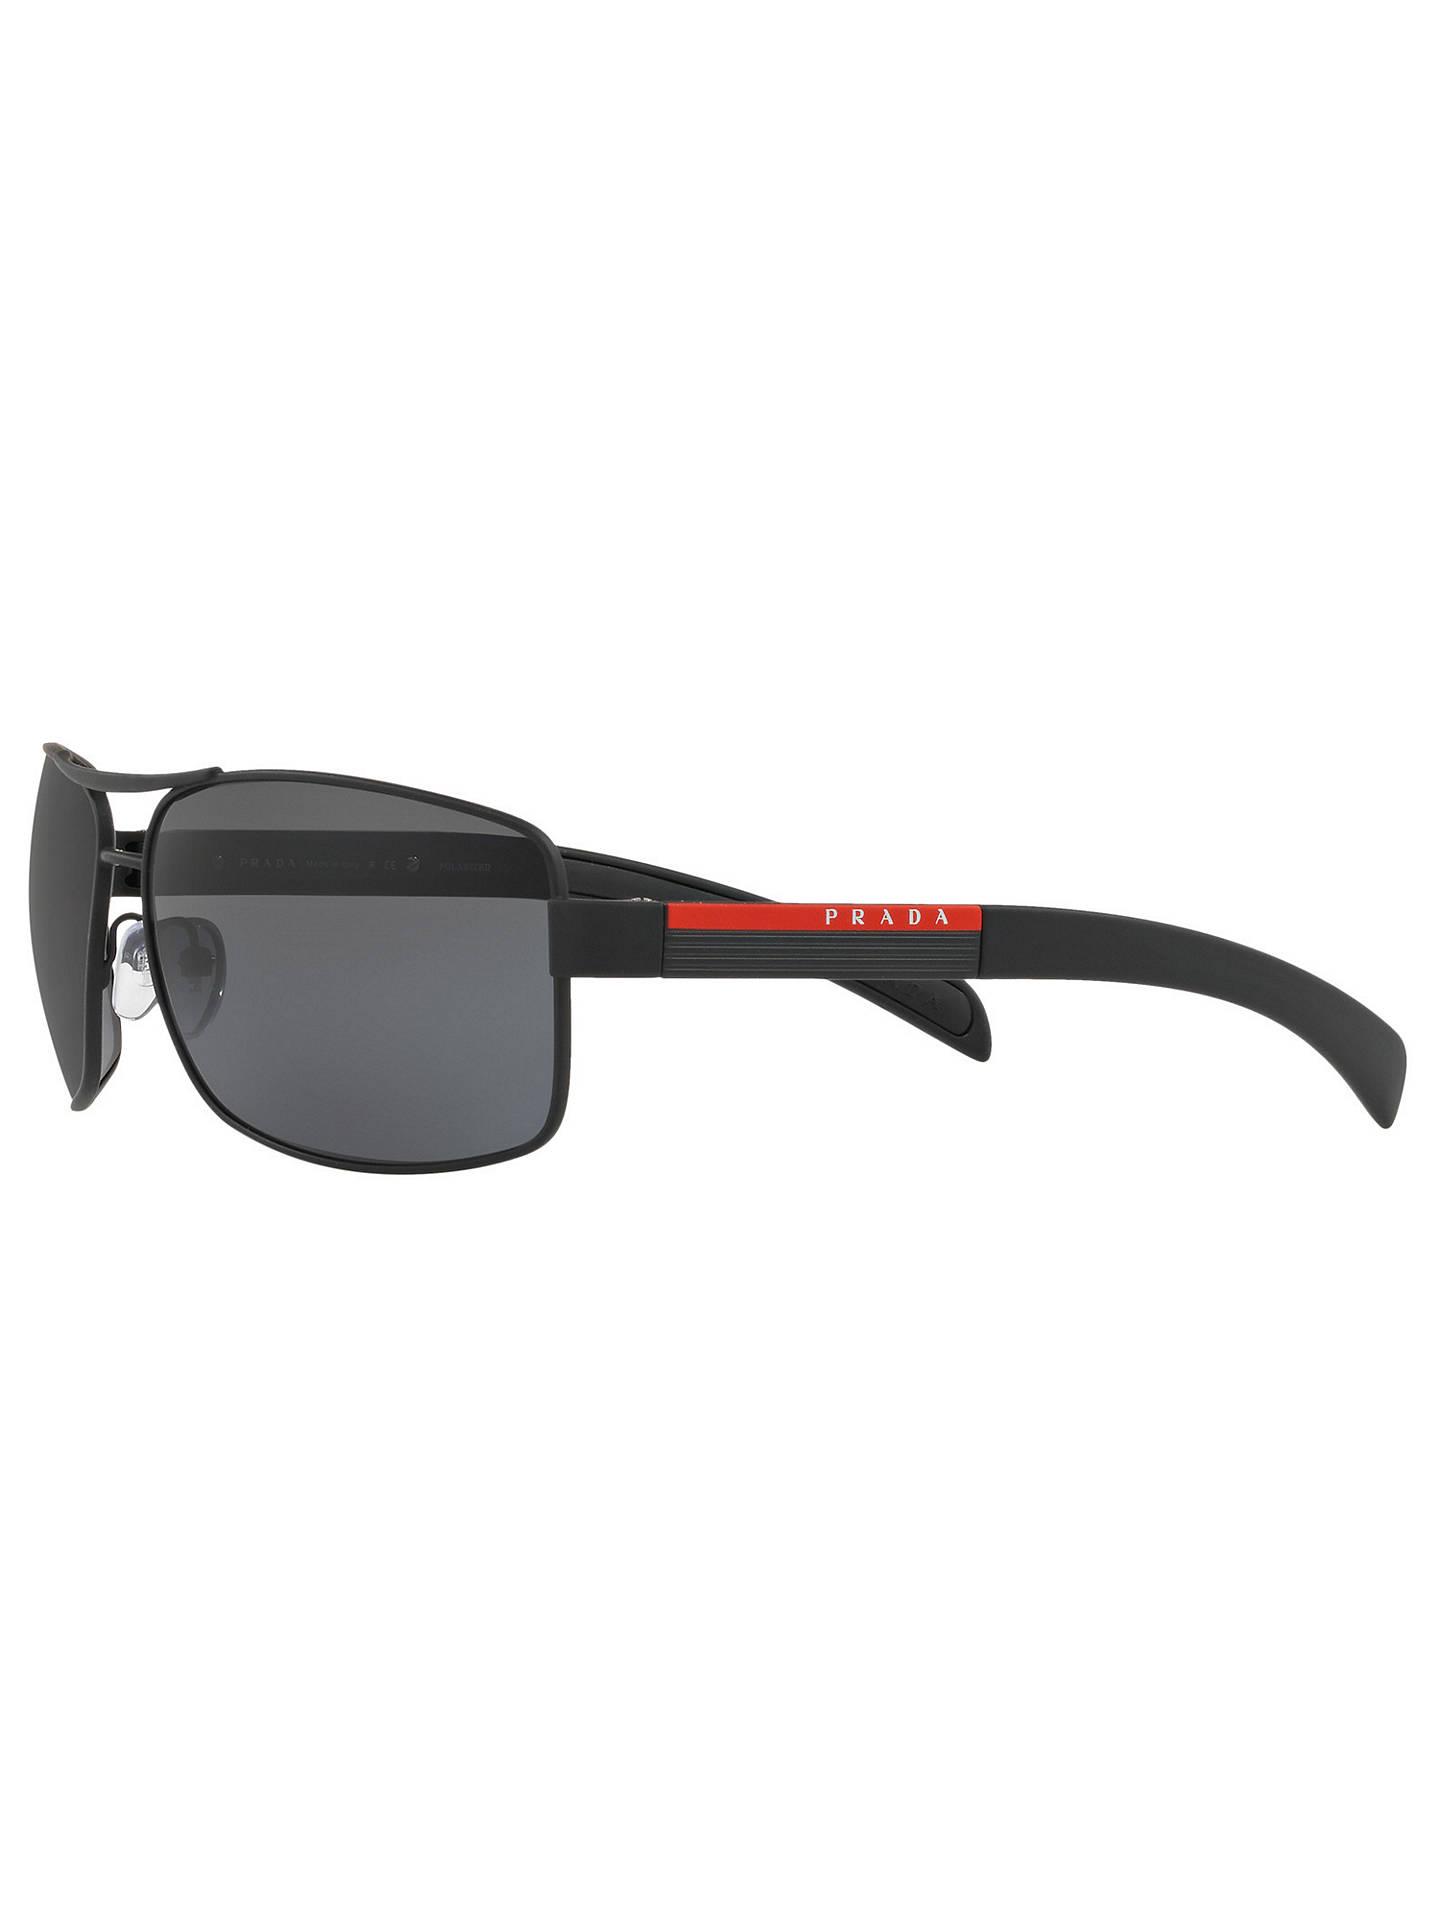 21fc827c5c Prada Linea Rossa PS 54IS Polarised Rectangular Sunglasses at John ...